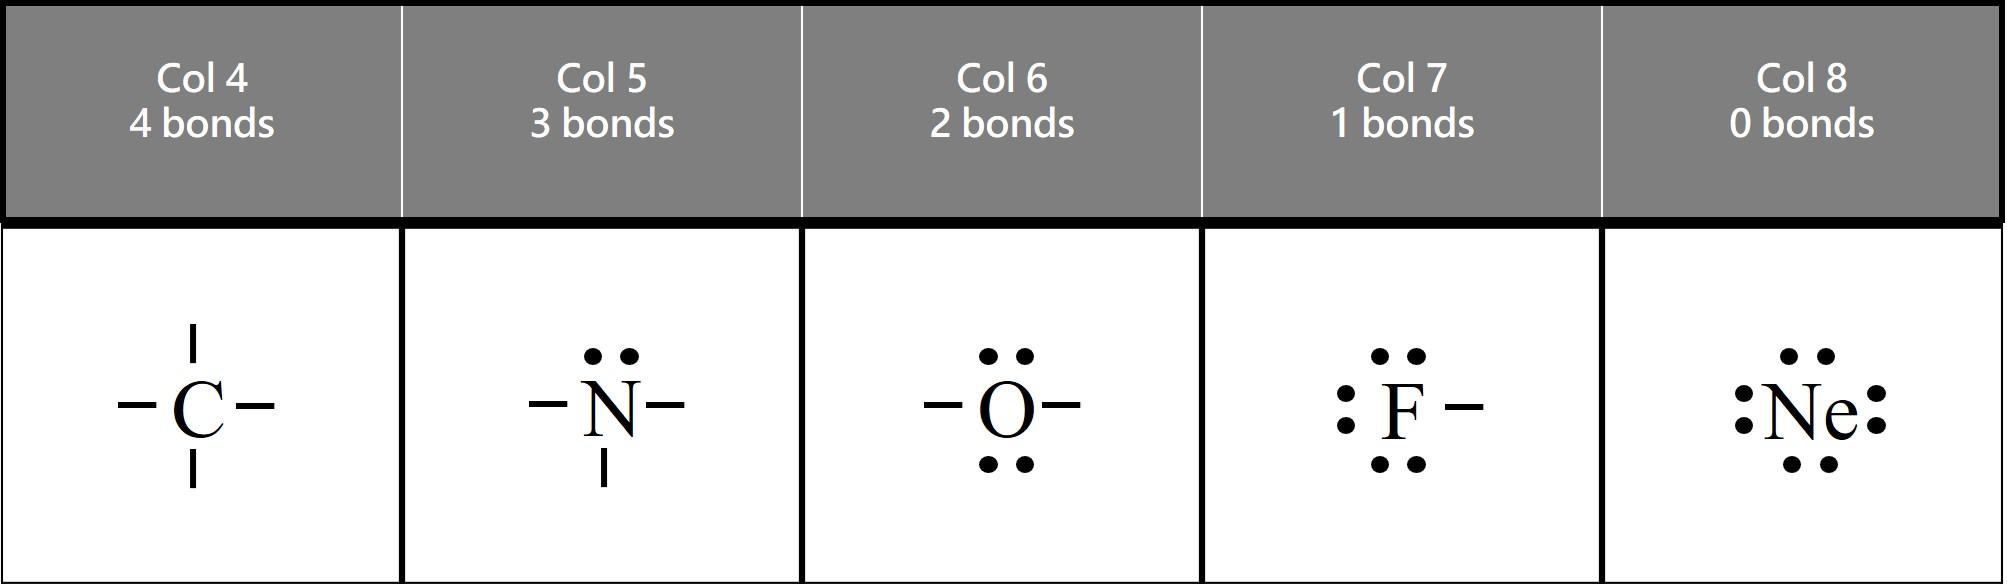 octet rule covalent bonds for nonmetal elements C 4 bonds N 3 bonds O 2 bonds F 1 bond Ne does not form bonds